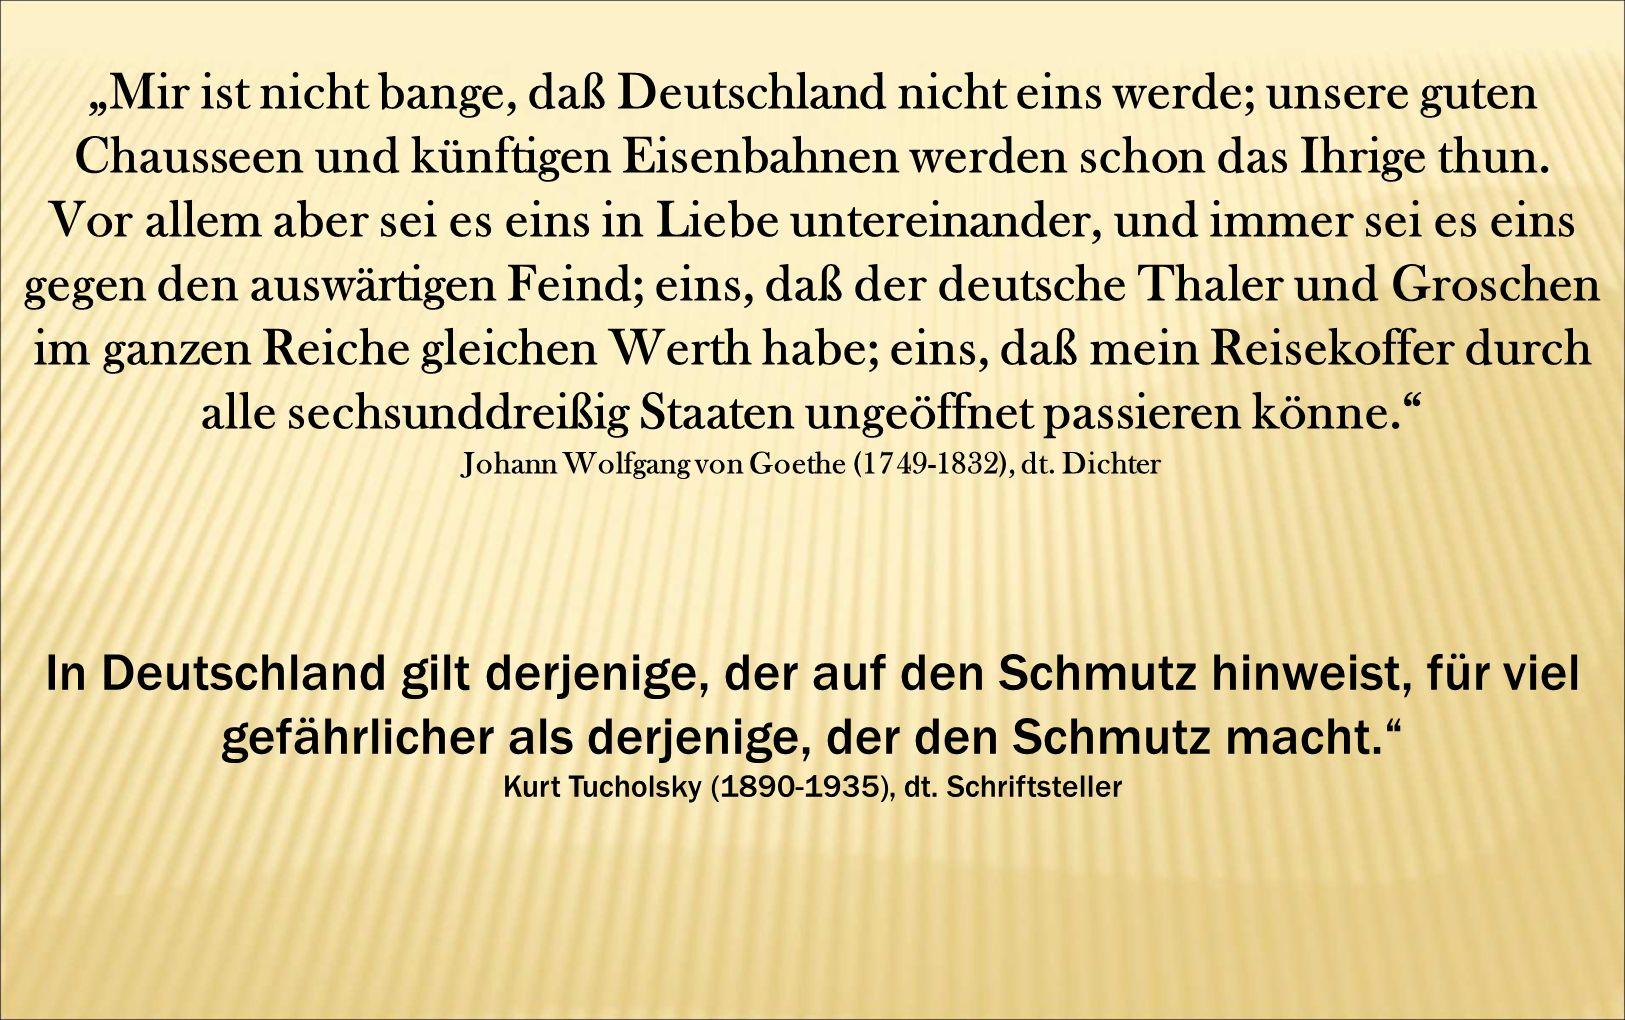 In Deutschland gilt derjenige, der auf den Schmutz hinweist, für viel gefährlicher als derjenige, der den Schmutz macht. Kurt Tucholsky (1890-1935), d